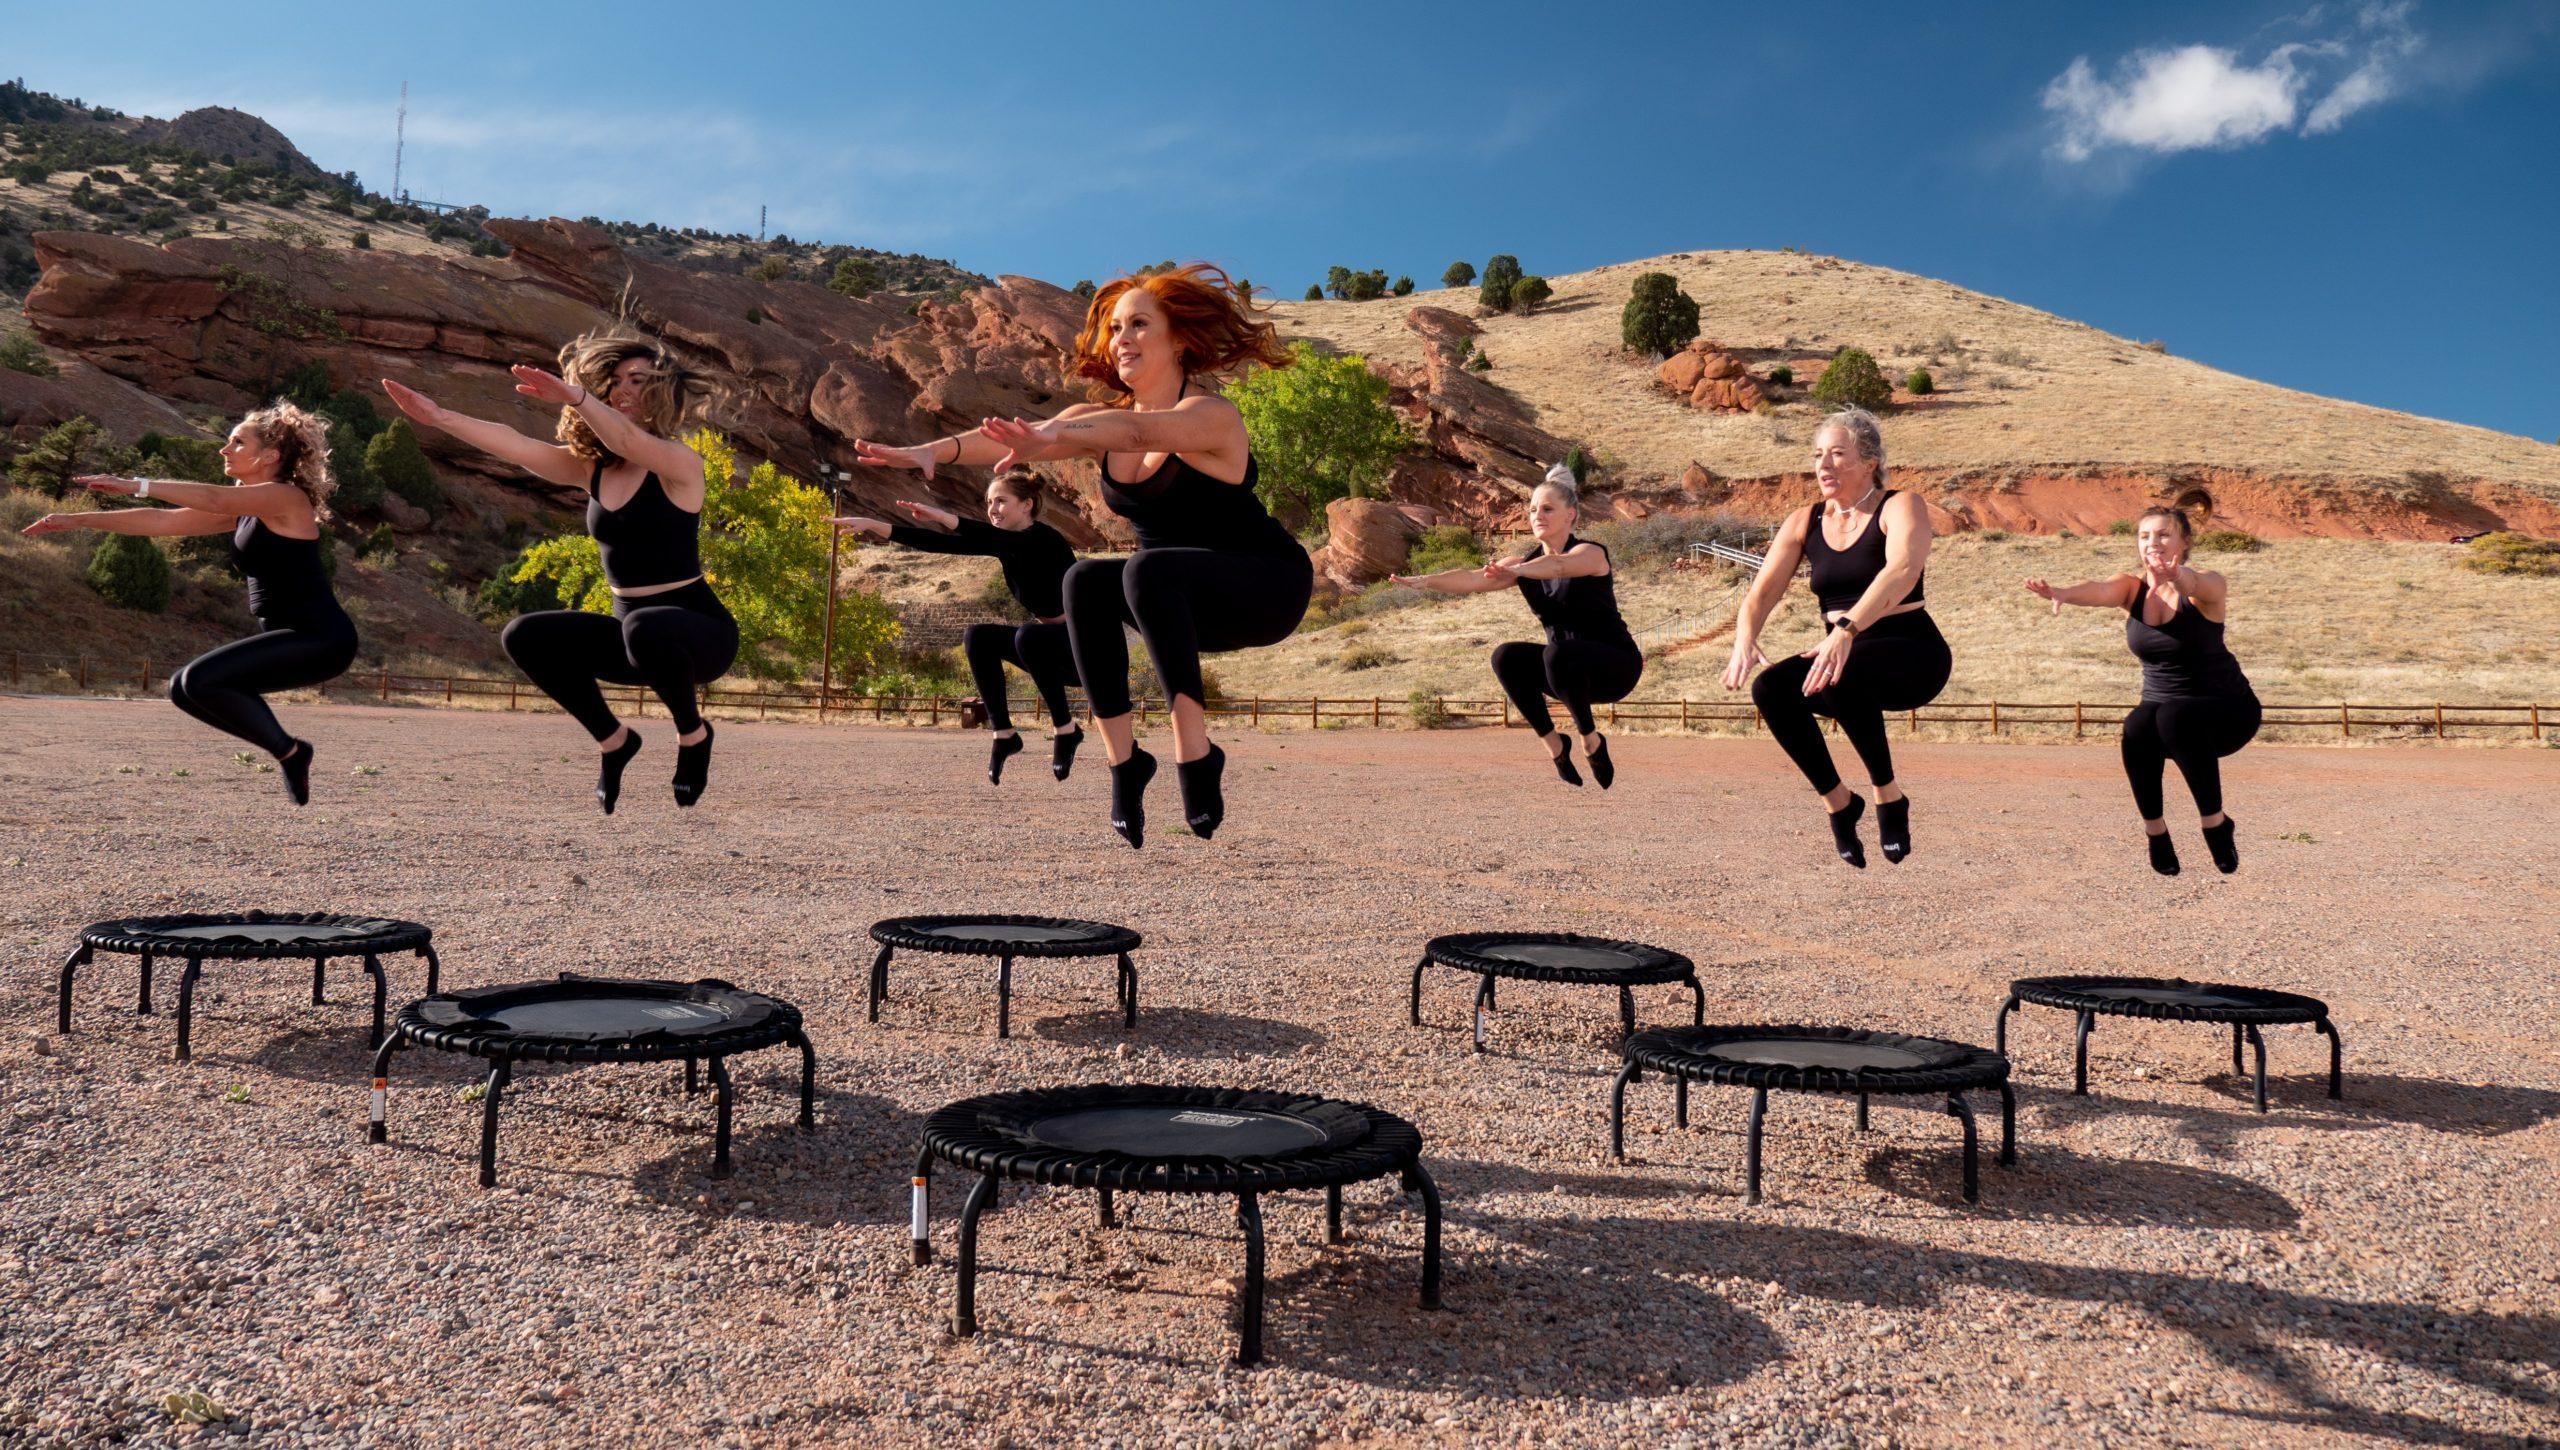 Imagem de um grupo de mulheres praticando jump.